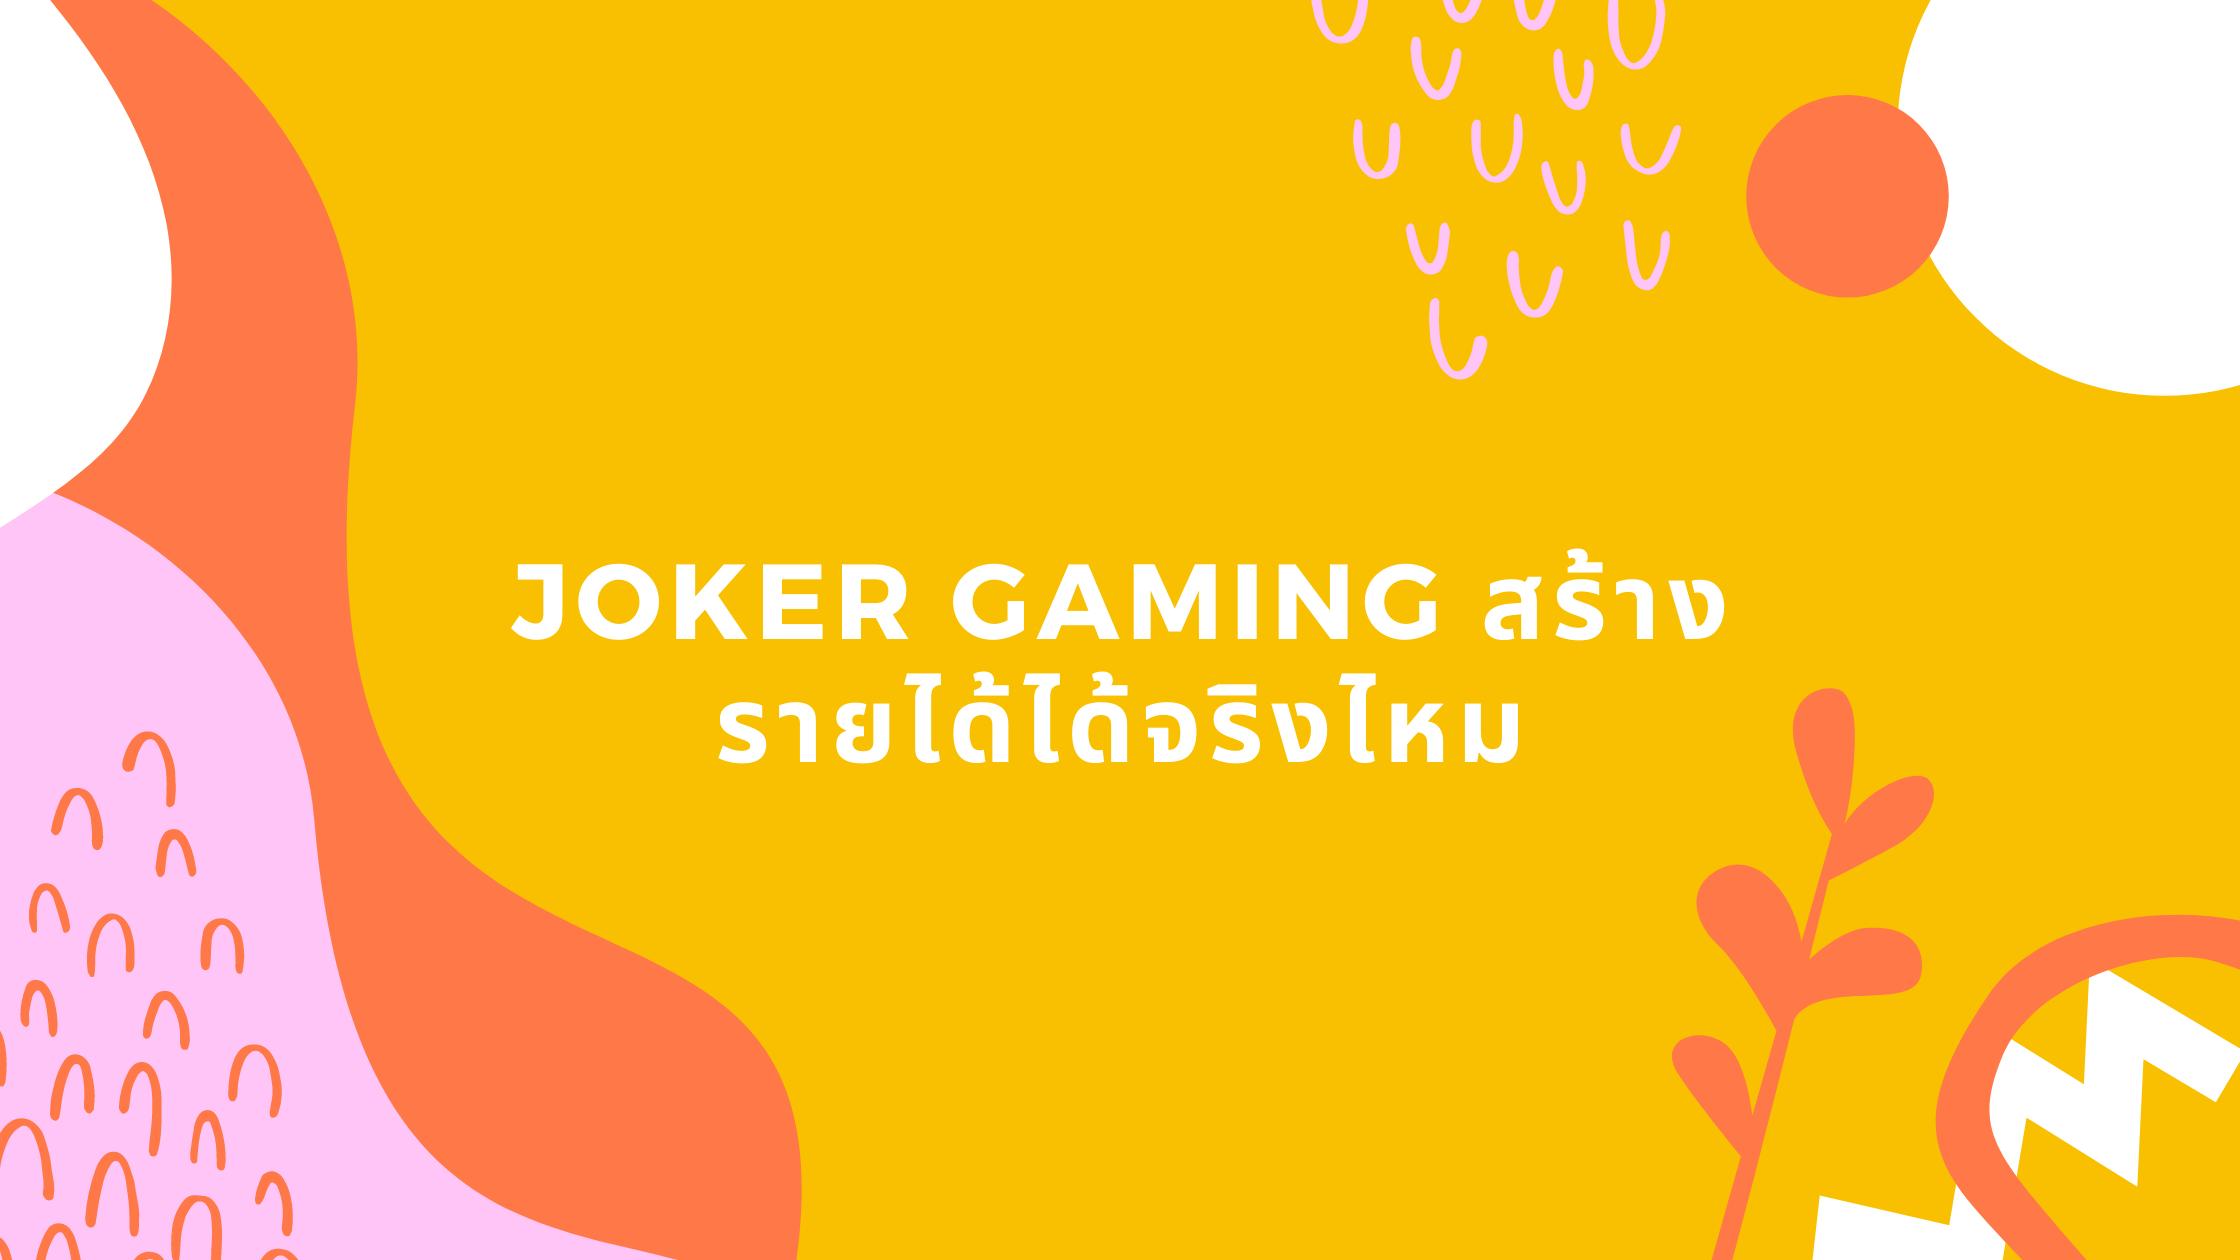 joker gaming สร้างรายได้ได้จริงไหม